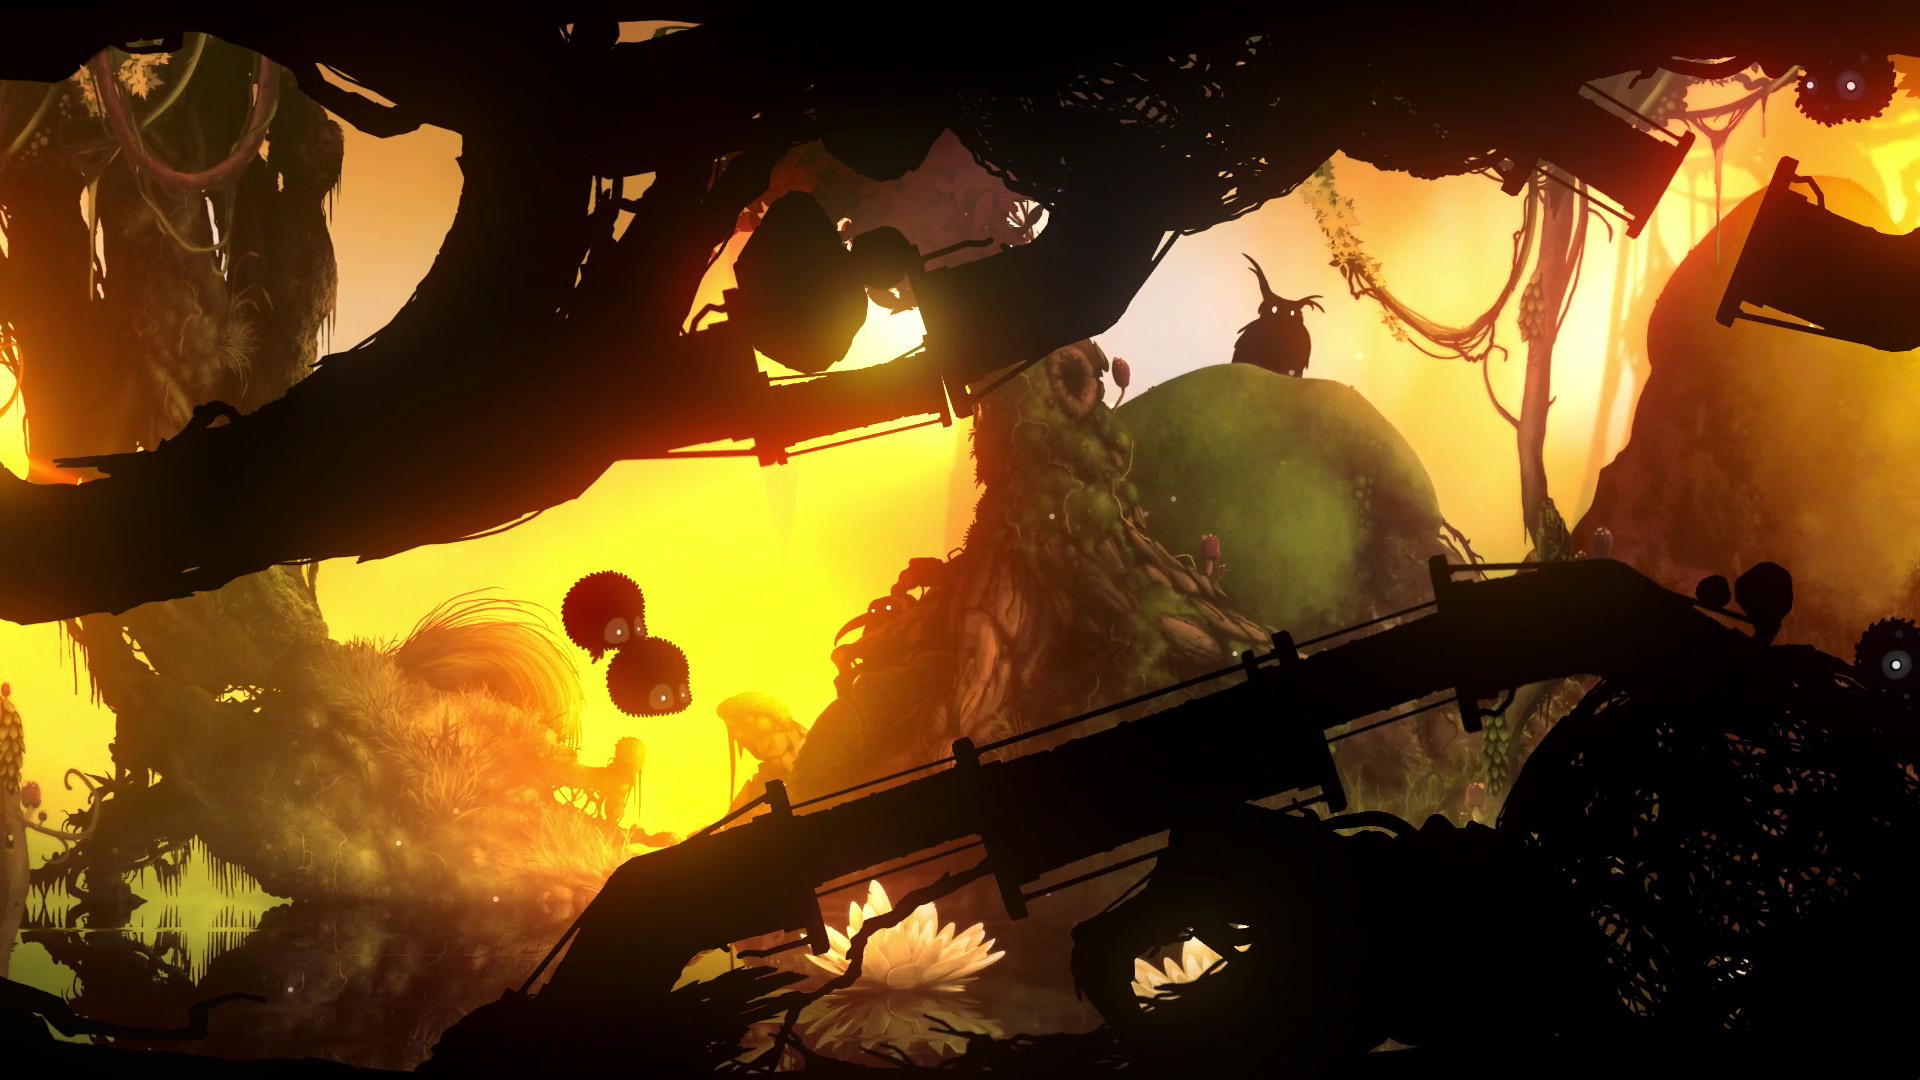 機械に浸食された森を冒険する超美麗スマホ向けアクションゲーム「BADLAND」、今春にPCとコンソール向けに移植決定